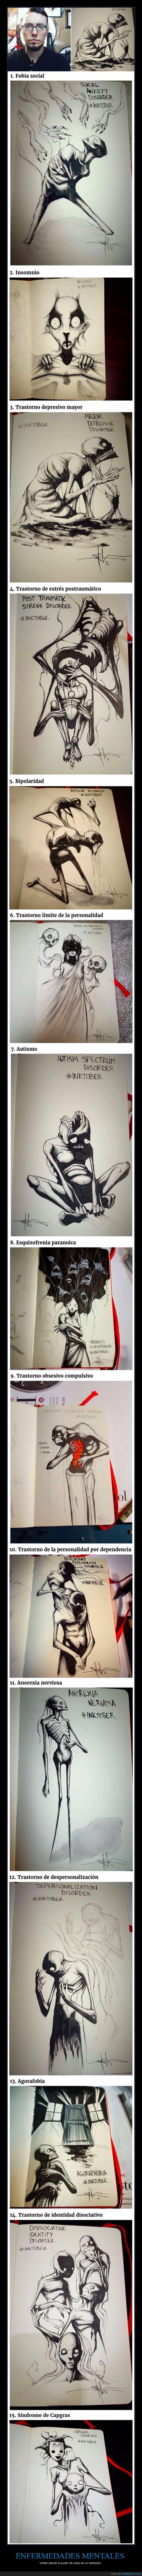 Este artista dibuja cada día del mes una enfermedad mental distinta y sus ilustraciones son geniales - Vistas desde el punto de vista de un ilustrador